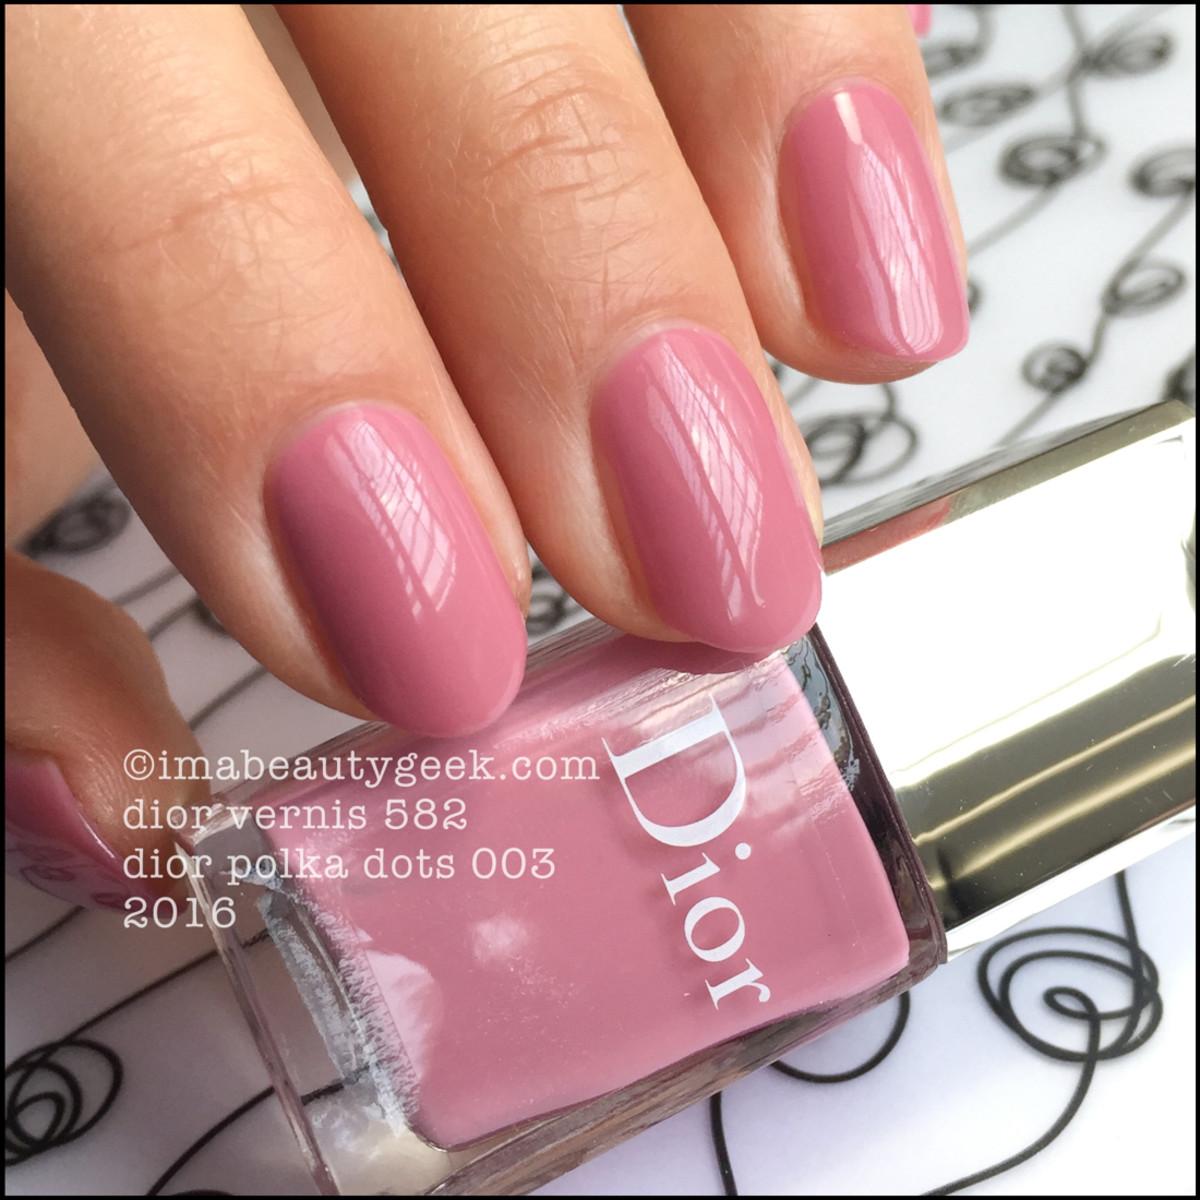 Dior Polka Dots 003_Dior Vernis 582 Summer 2016